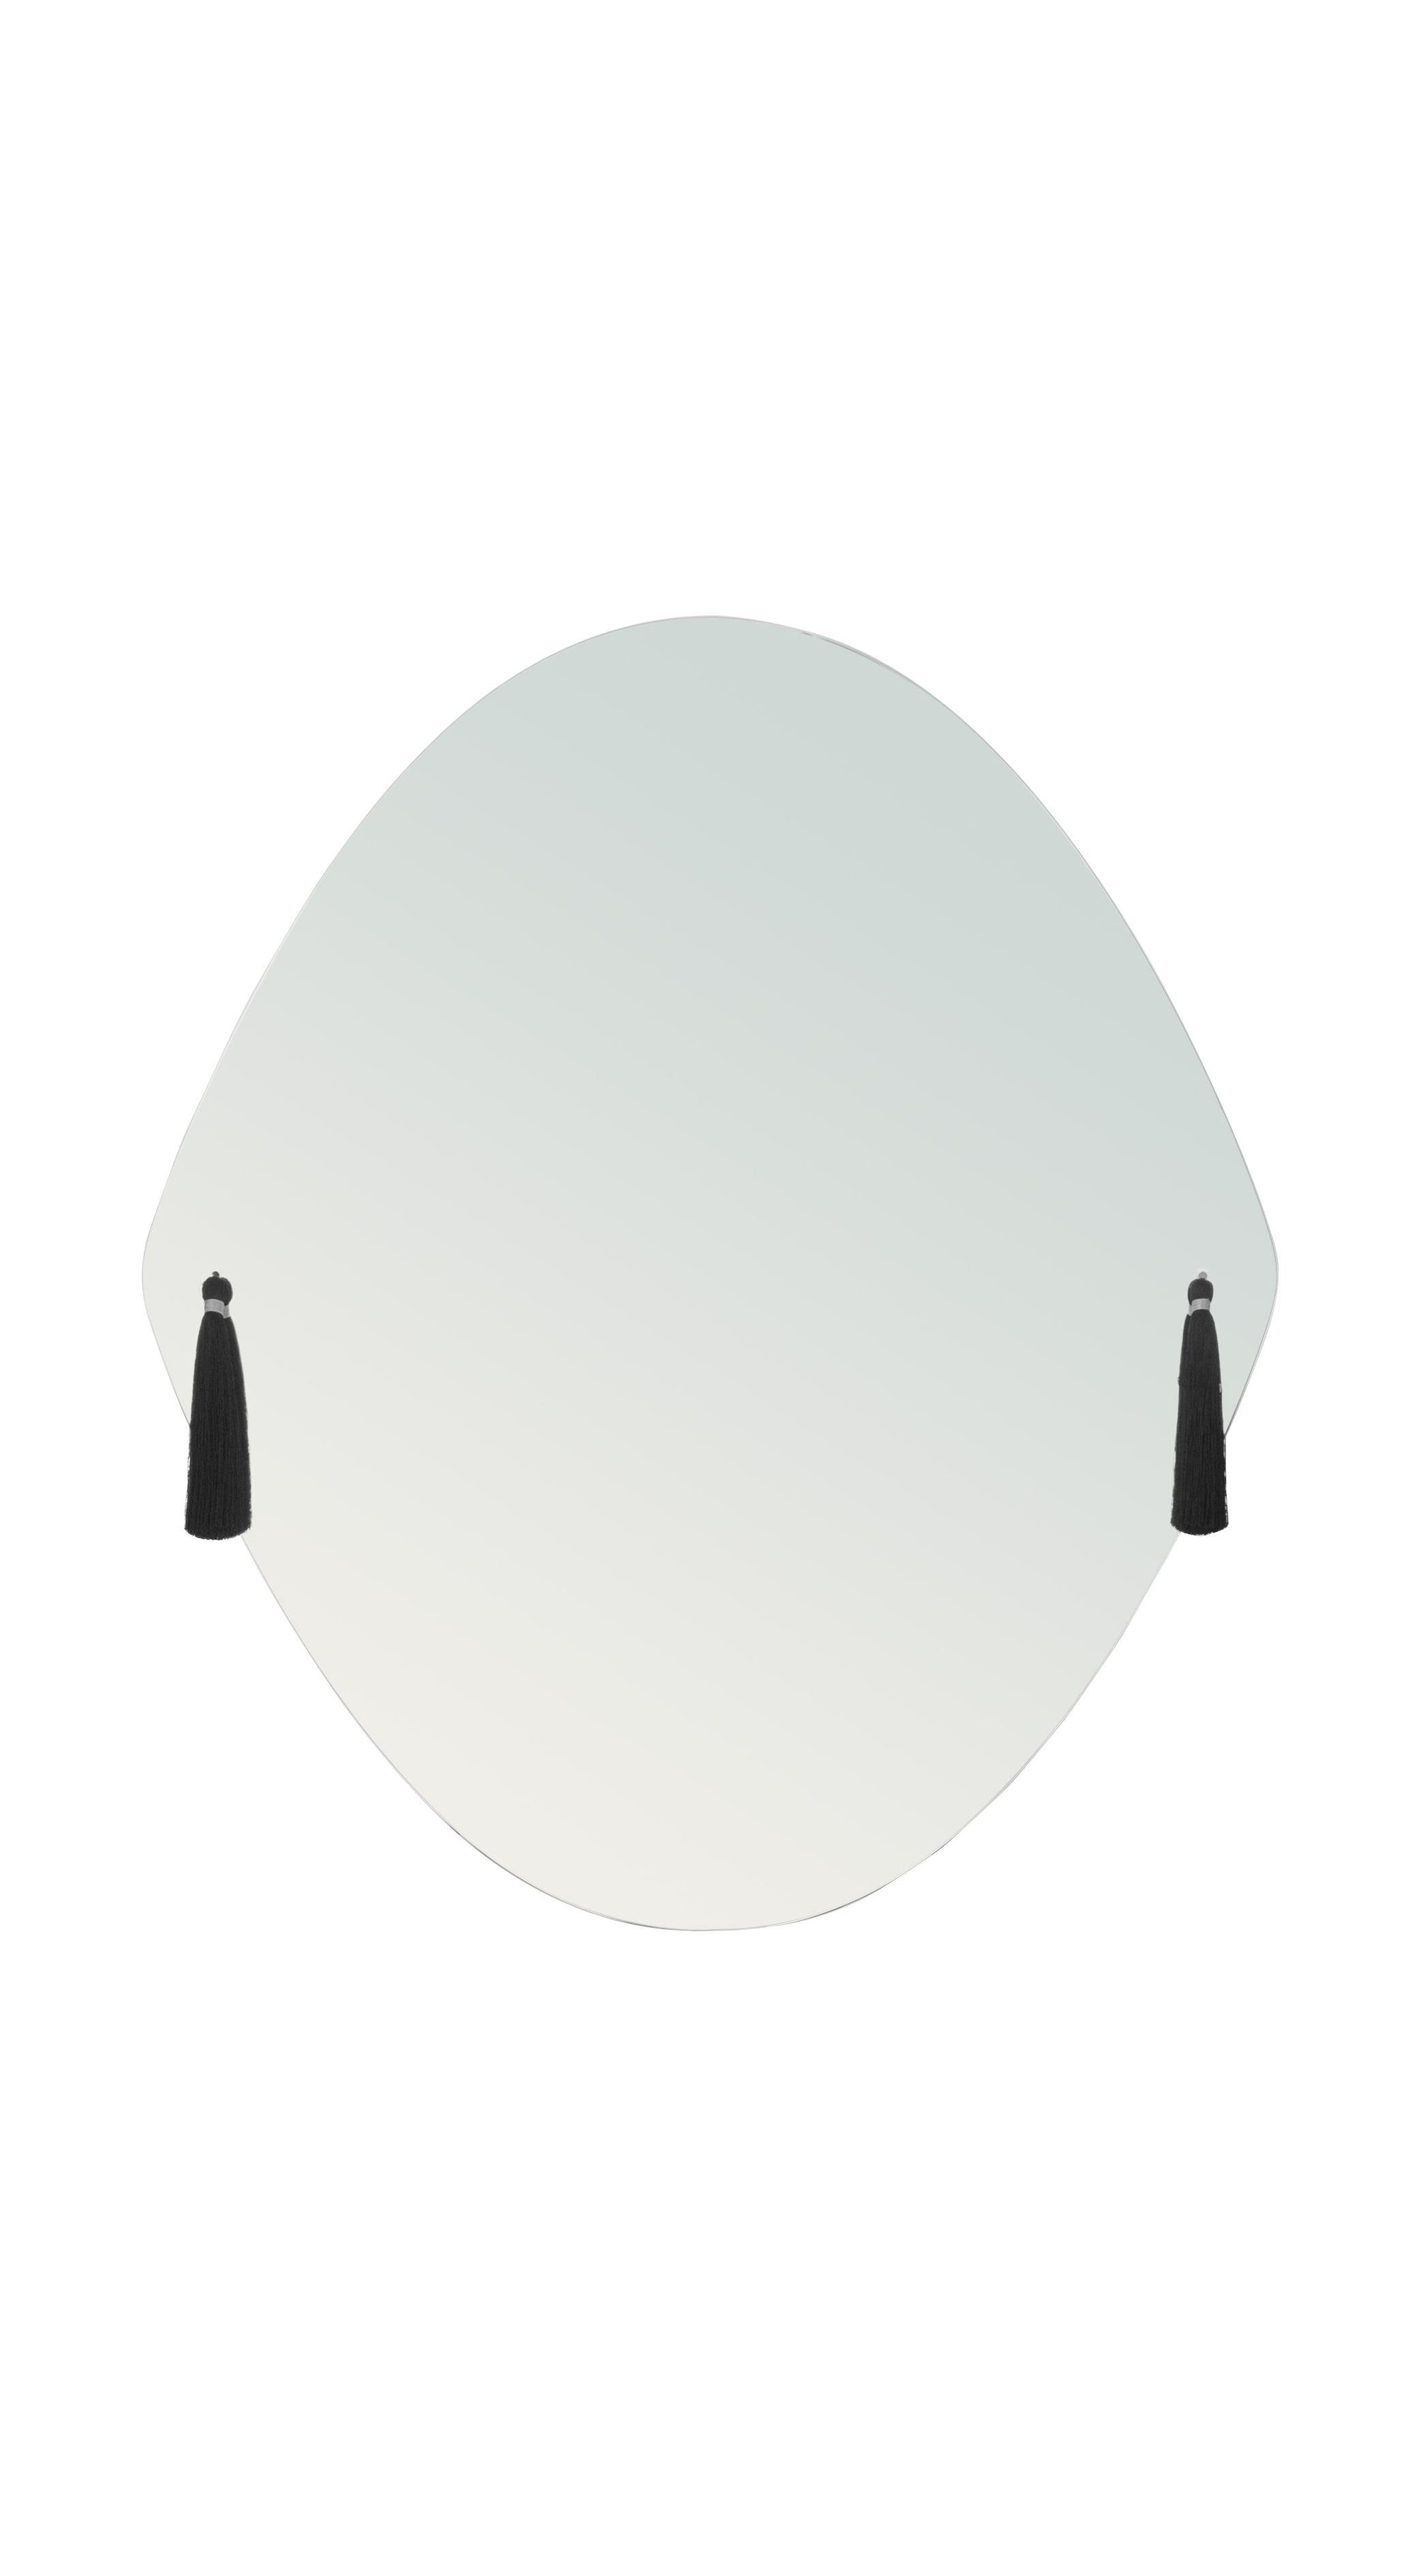 Déco - Miroirs - Miroir mural Panache Medium / L 50 x H 58 cm - 6 pompons interchangeables - Petite Friture - Medium - Tissu, Verre